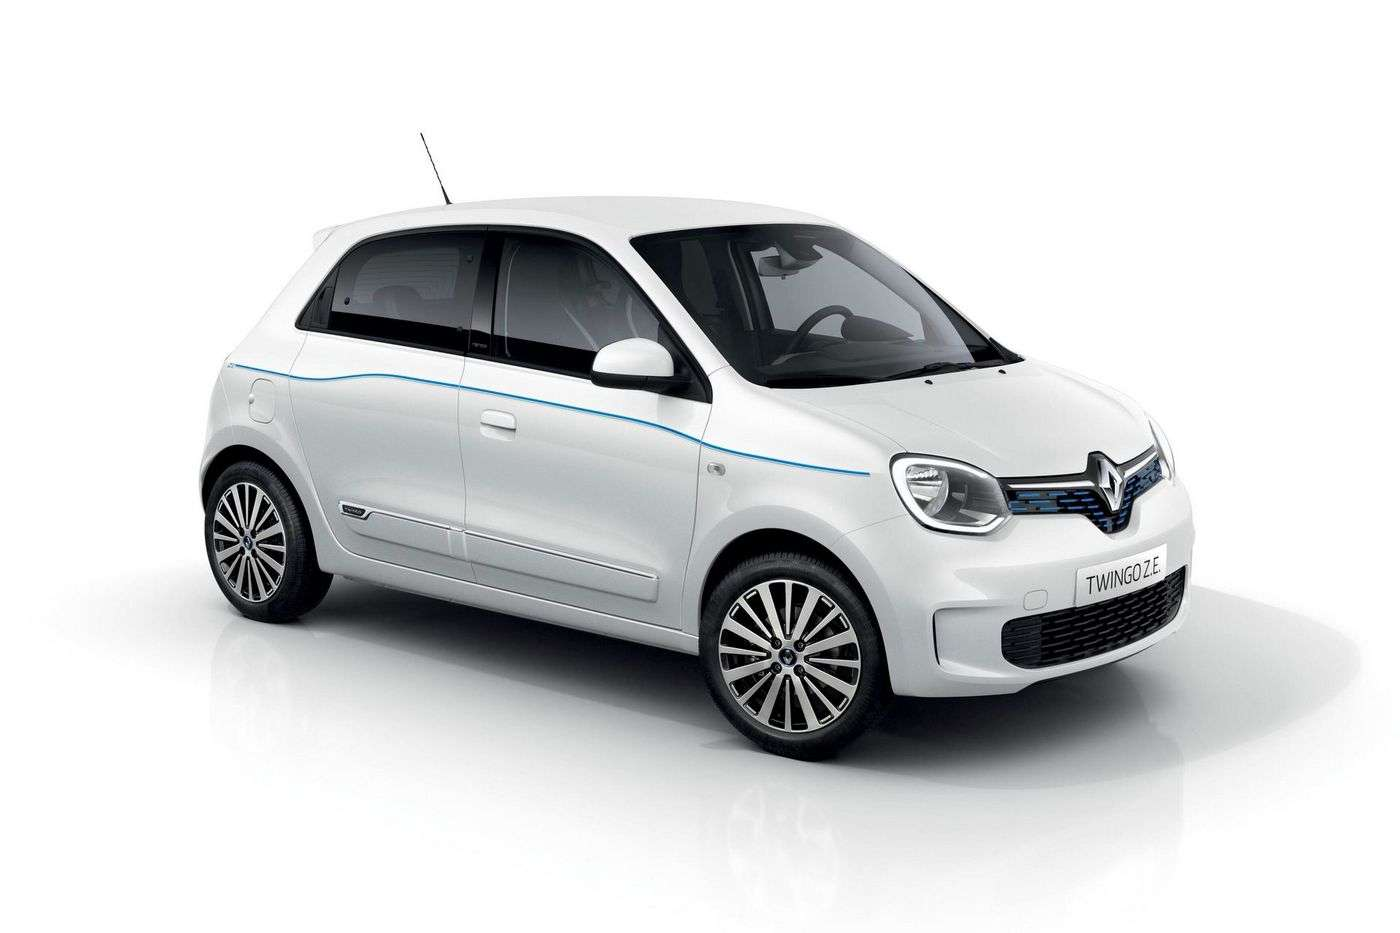 La Renault Twingo Z.E est basée sur la même plateforme que la Twingo 3. © Renault